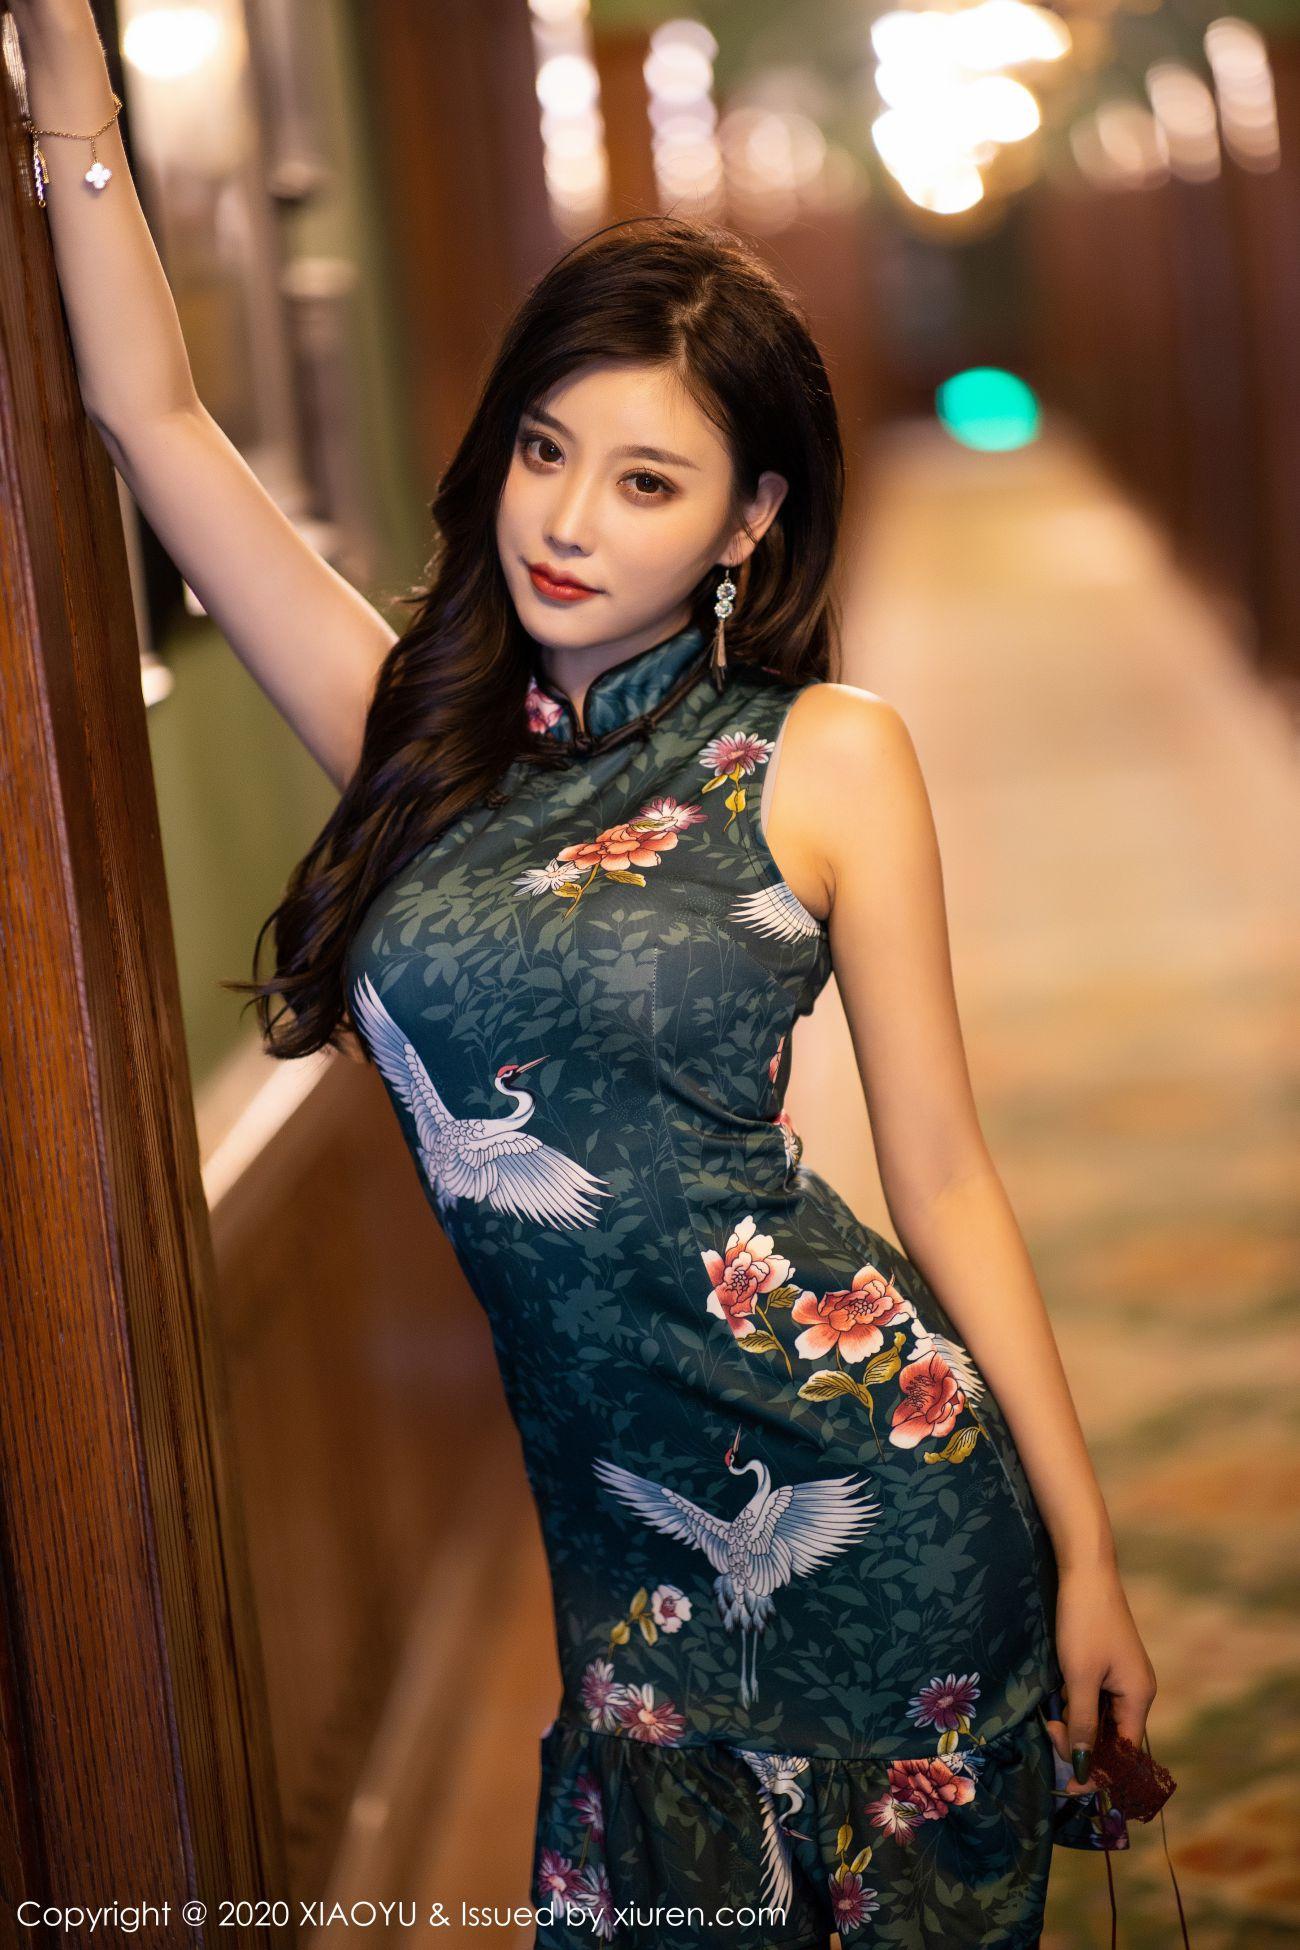 絶世の台湾美女 杨晨晨(Sugar)パンストチャイナ画像(20pics)